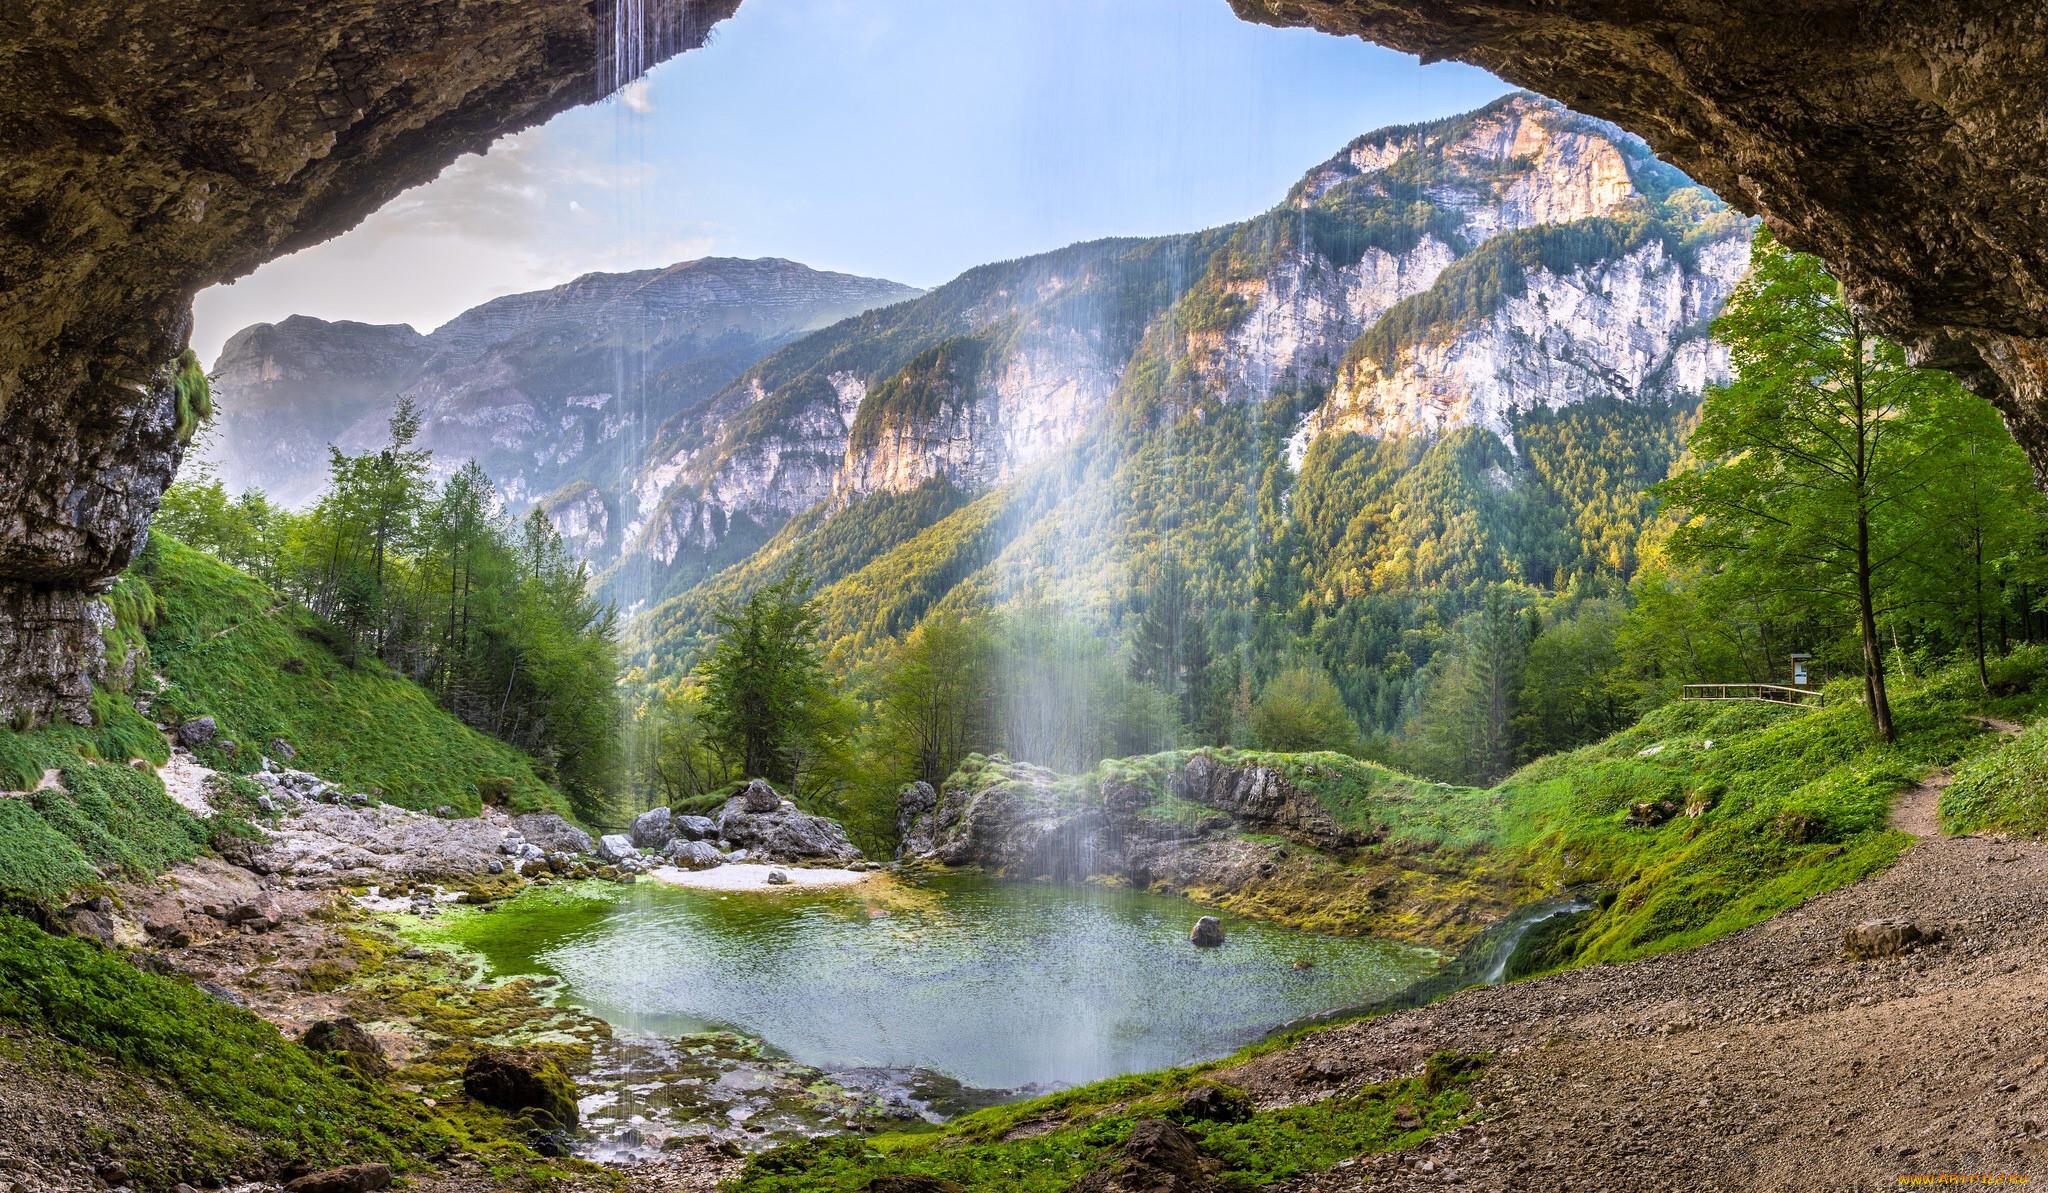 проект картинка на рабочий стол горы с водопадом может разрезать